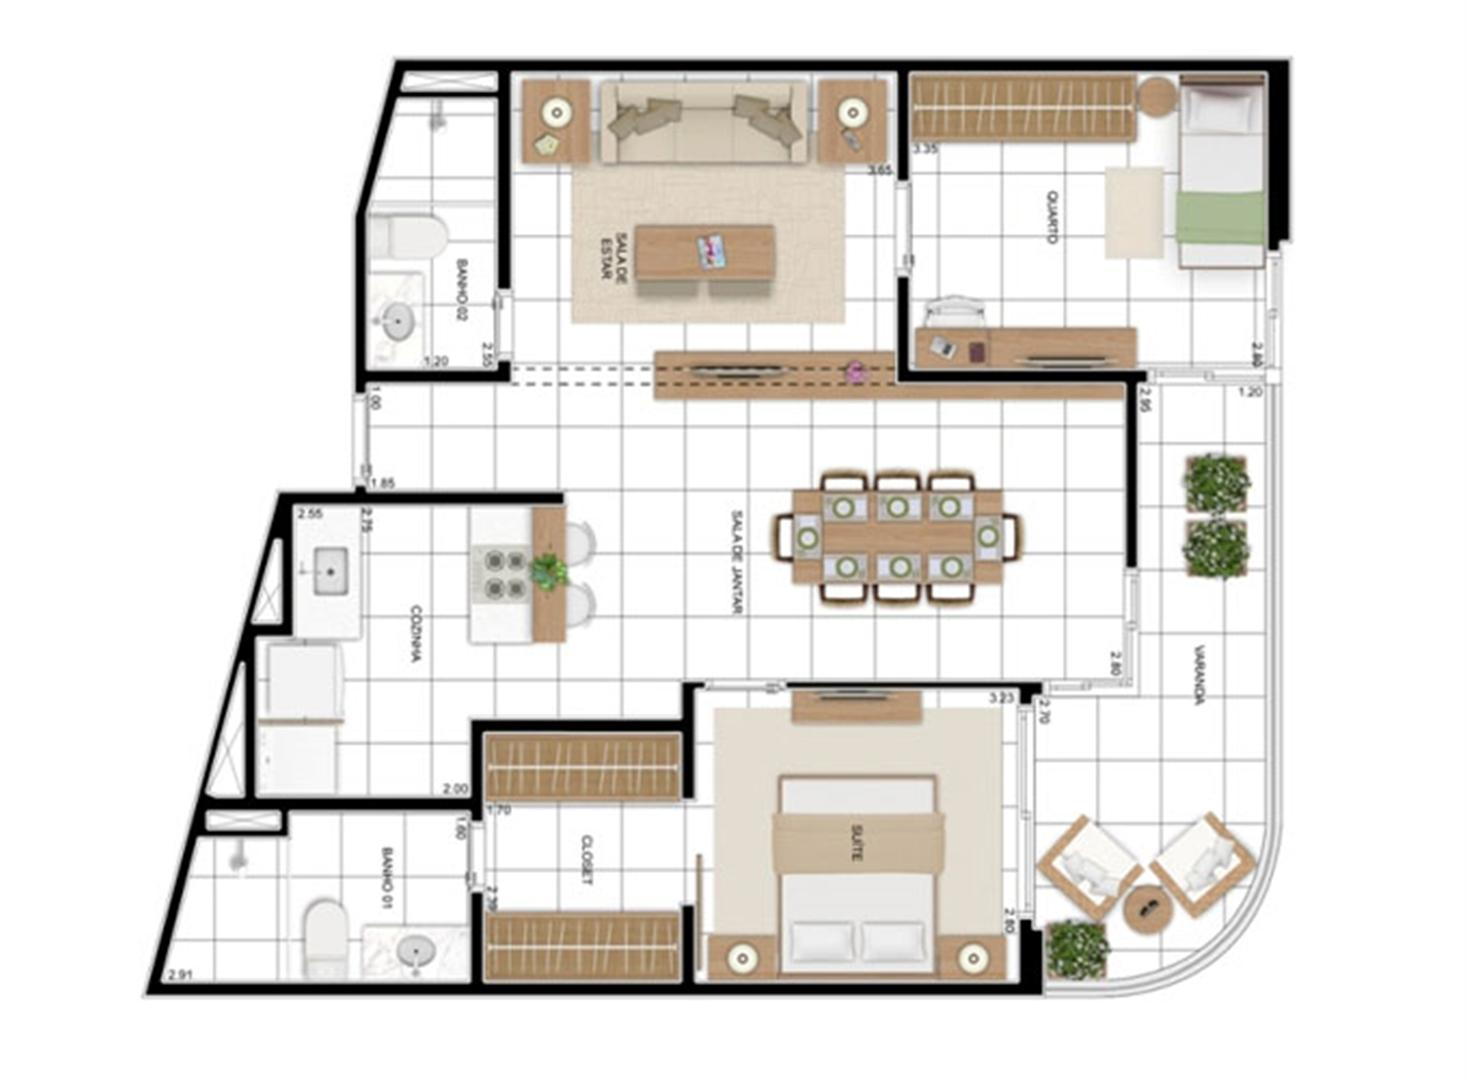 PLANTA - APTO TIPO A - 82 m² - OPÇÃO 2 DORMS COM SUÍTE (01)  | In Mare Bali – Apartamento no  Distrito Litoral de Cotovelo - Parnamirim - Rio Grande do Norte